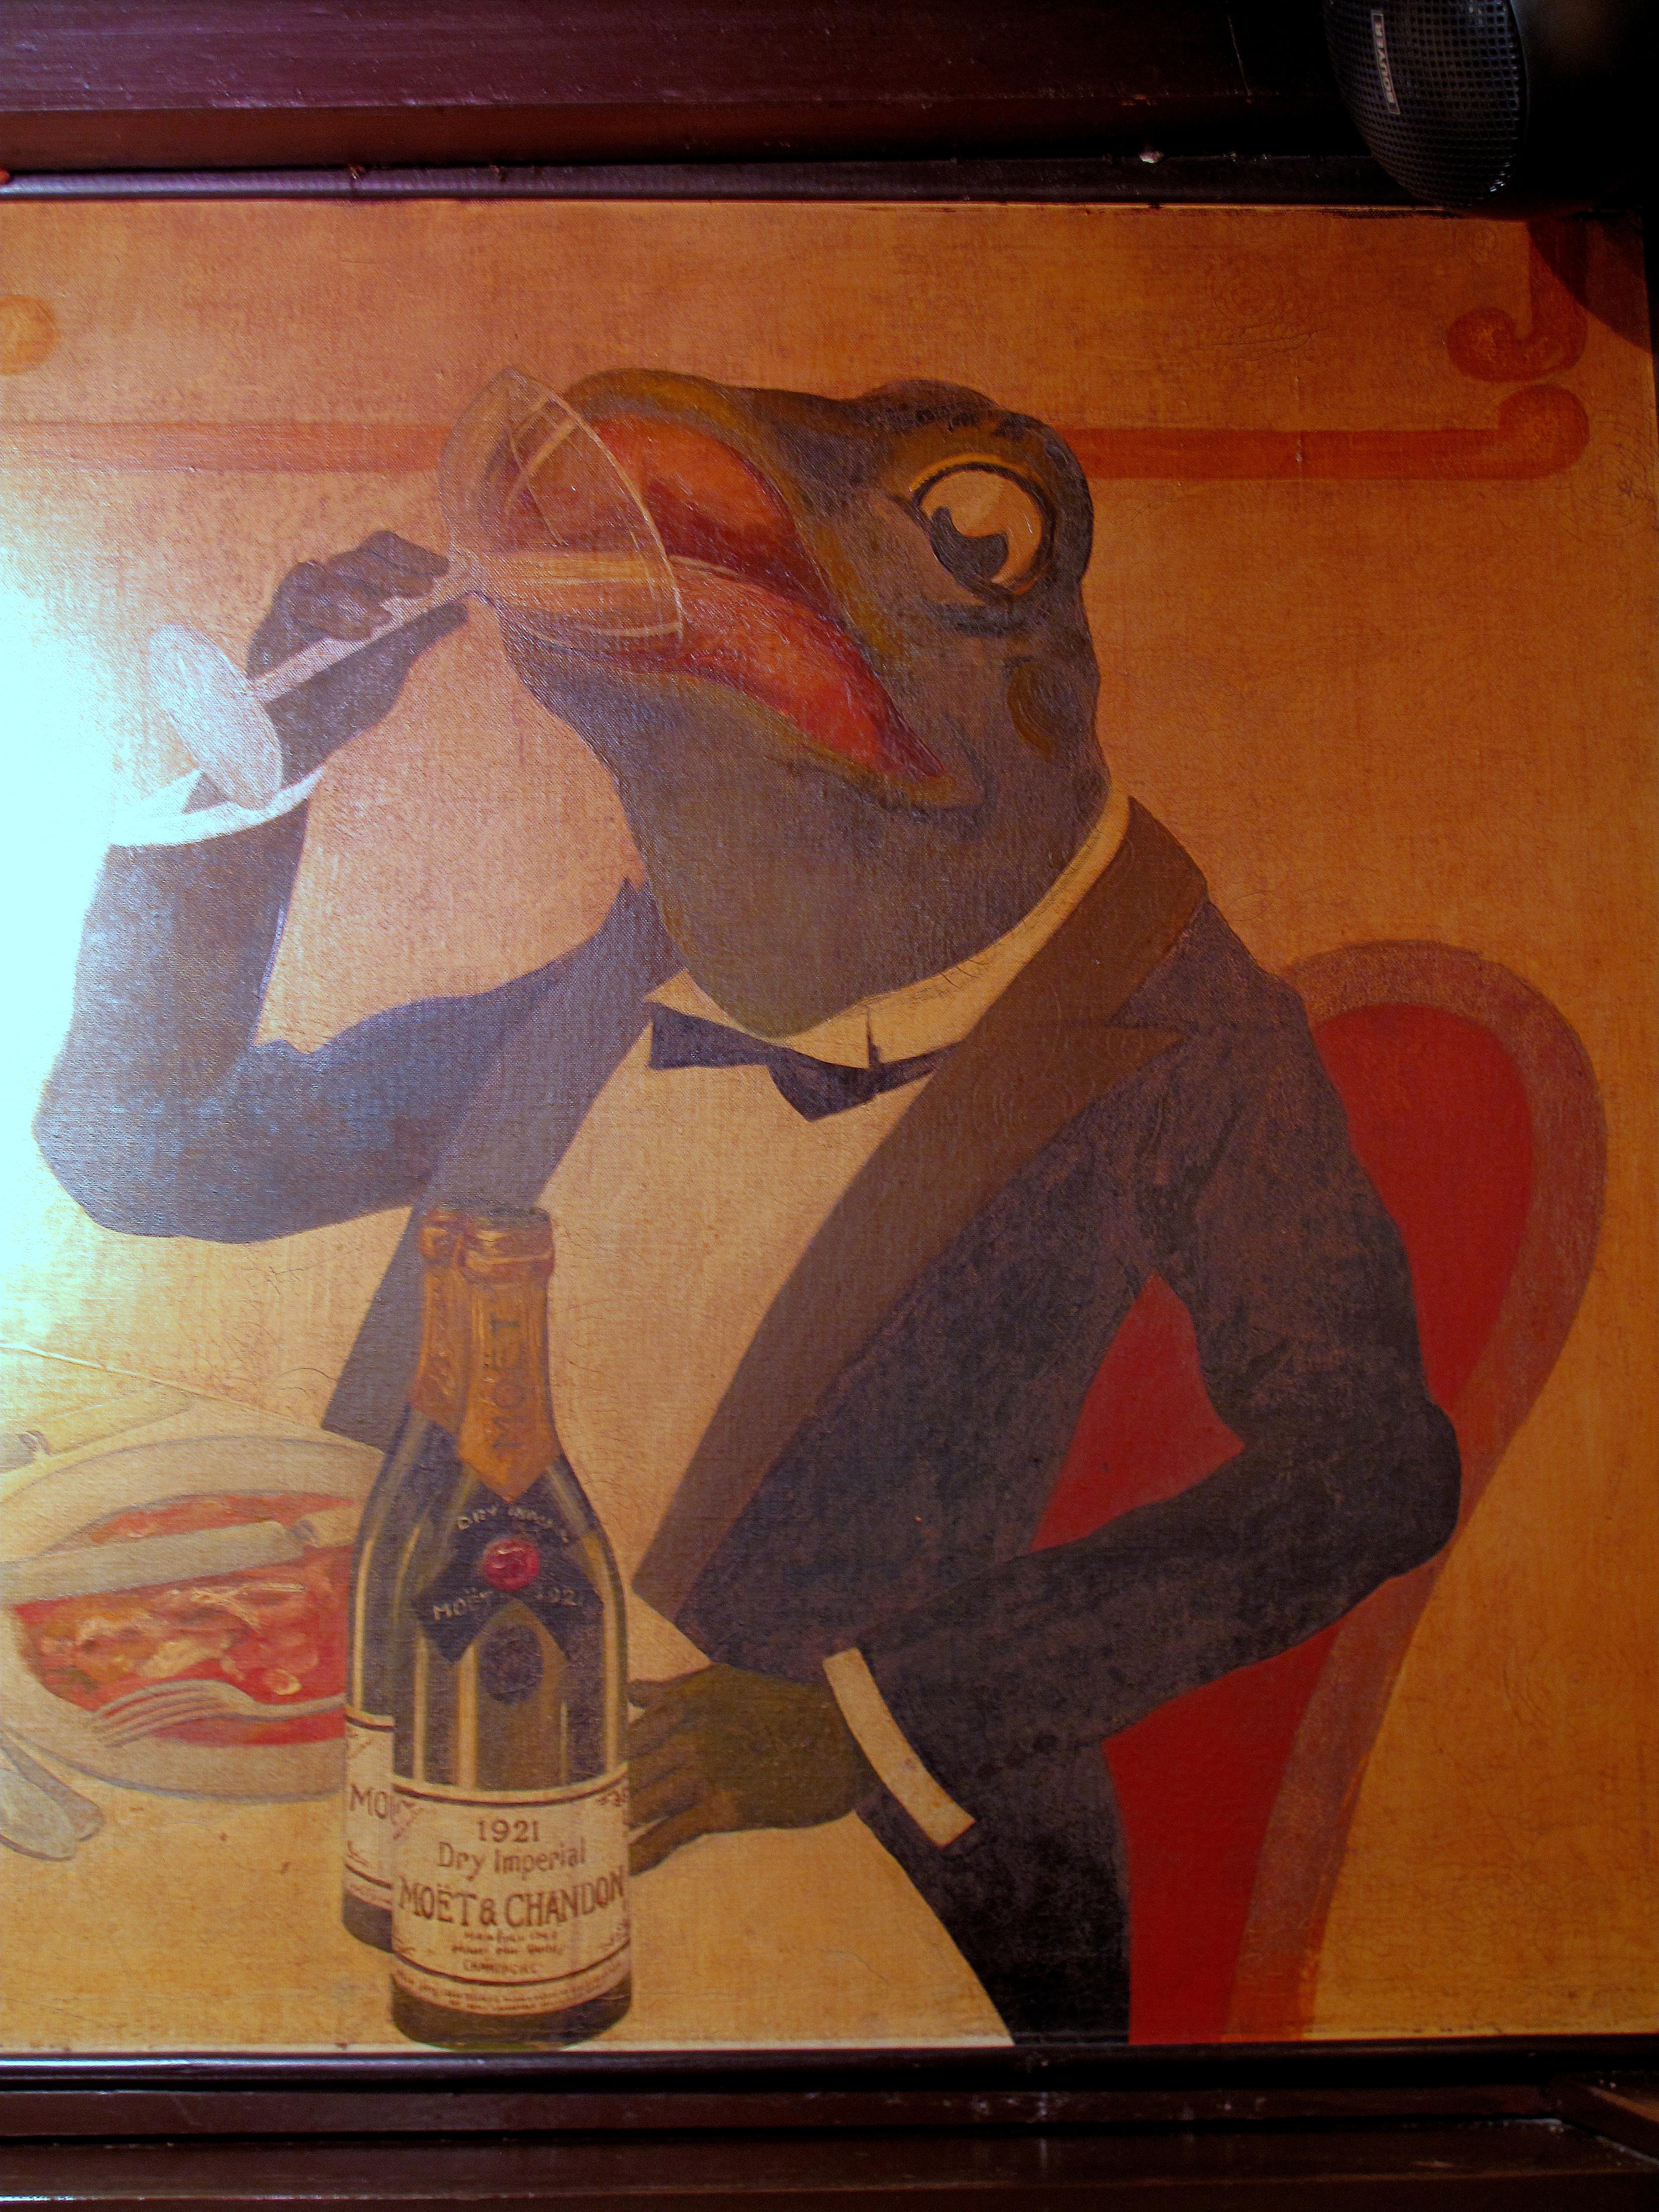 La grenouill re food snob for La grenouillere